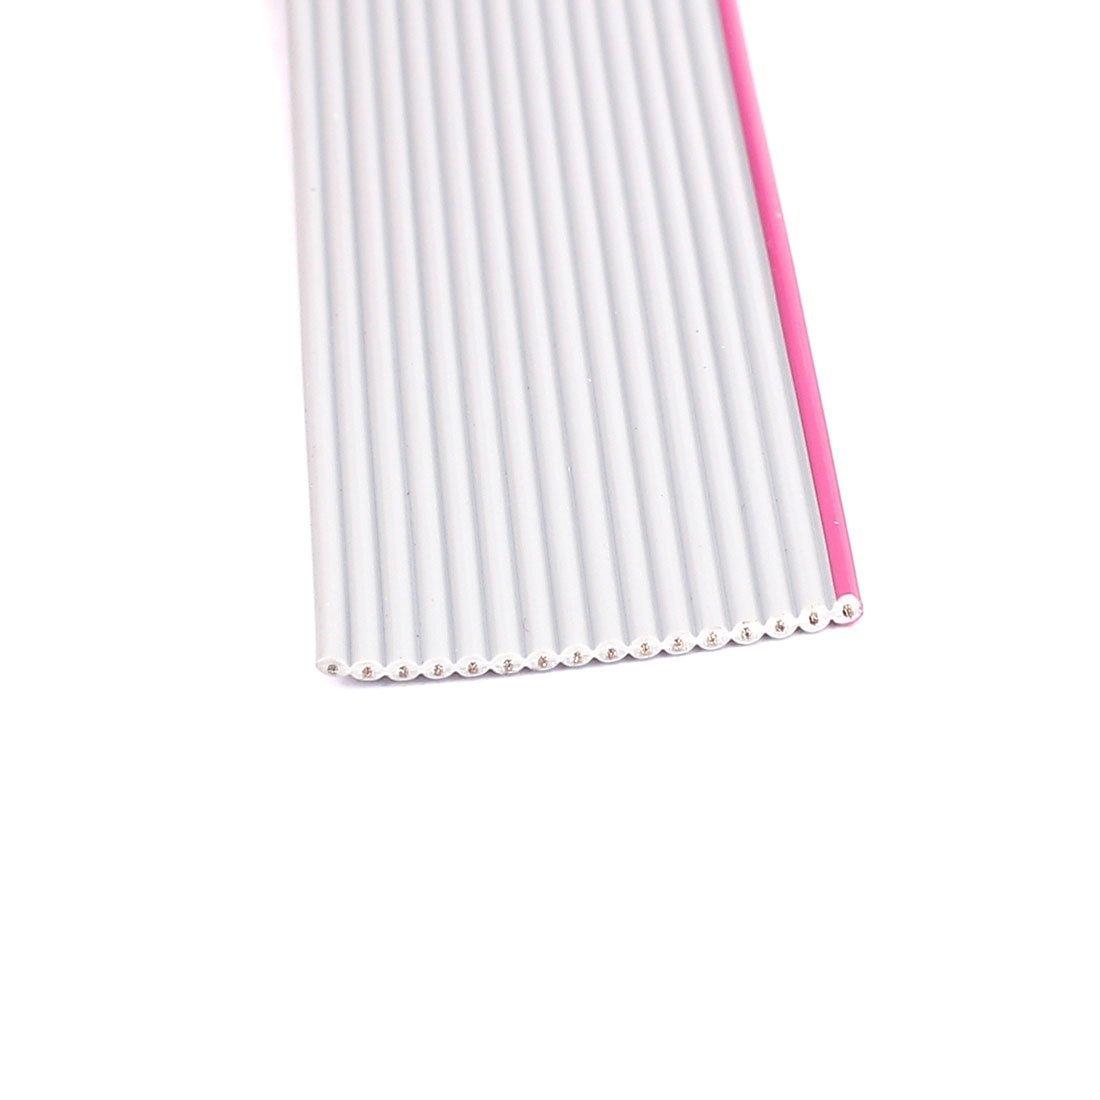 eDealMax IDC a nastro Linea via cavo, 16 Pin, 16 Wire, 10 m, 2 cm Larghezza, 1,25 mm Distanza